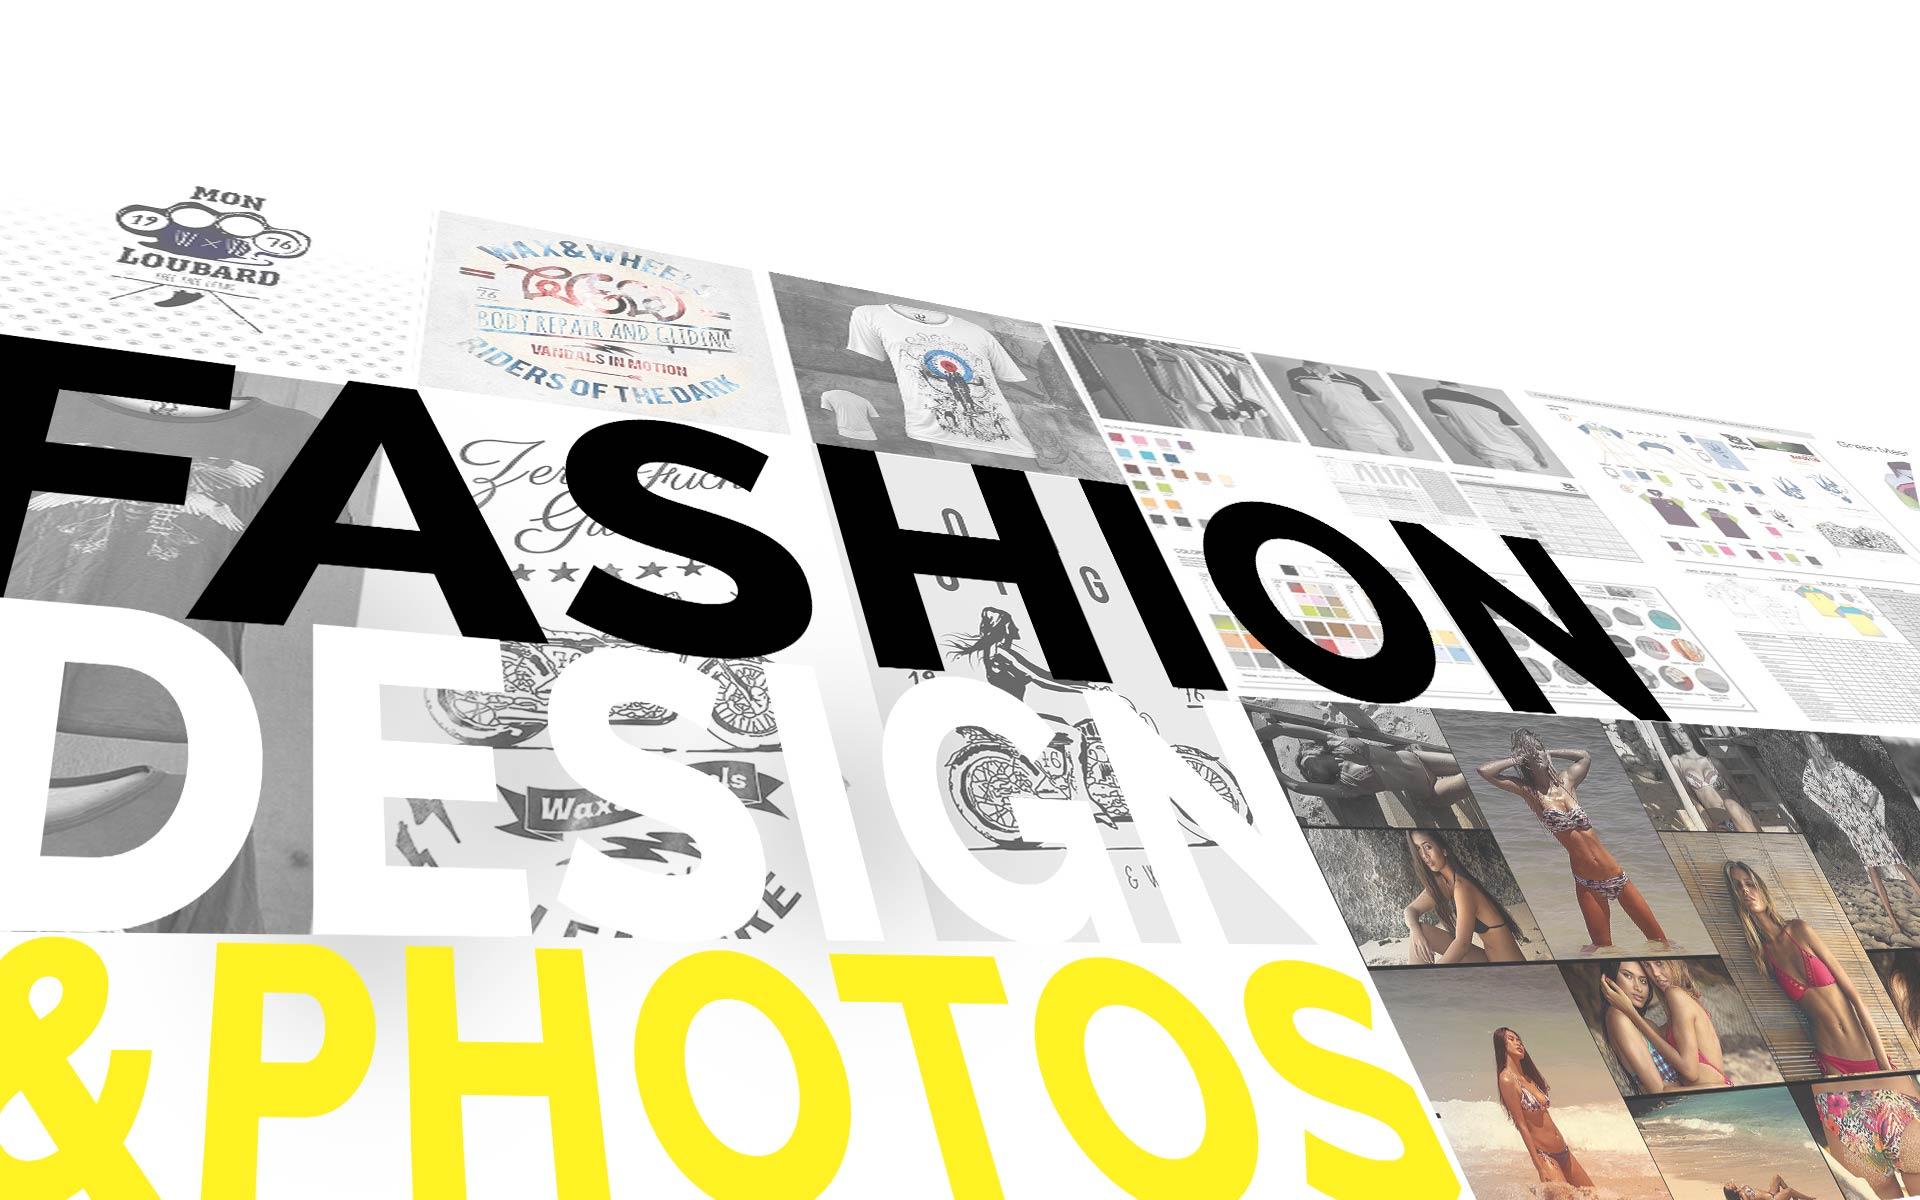 corporate idtentity logo grafik design web branding seo ci geschaeftsausstattung briefpapier muenchen 10